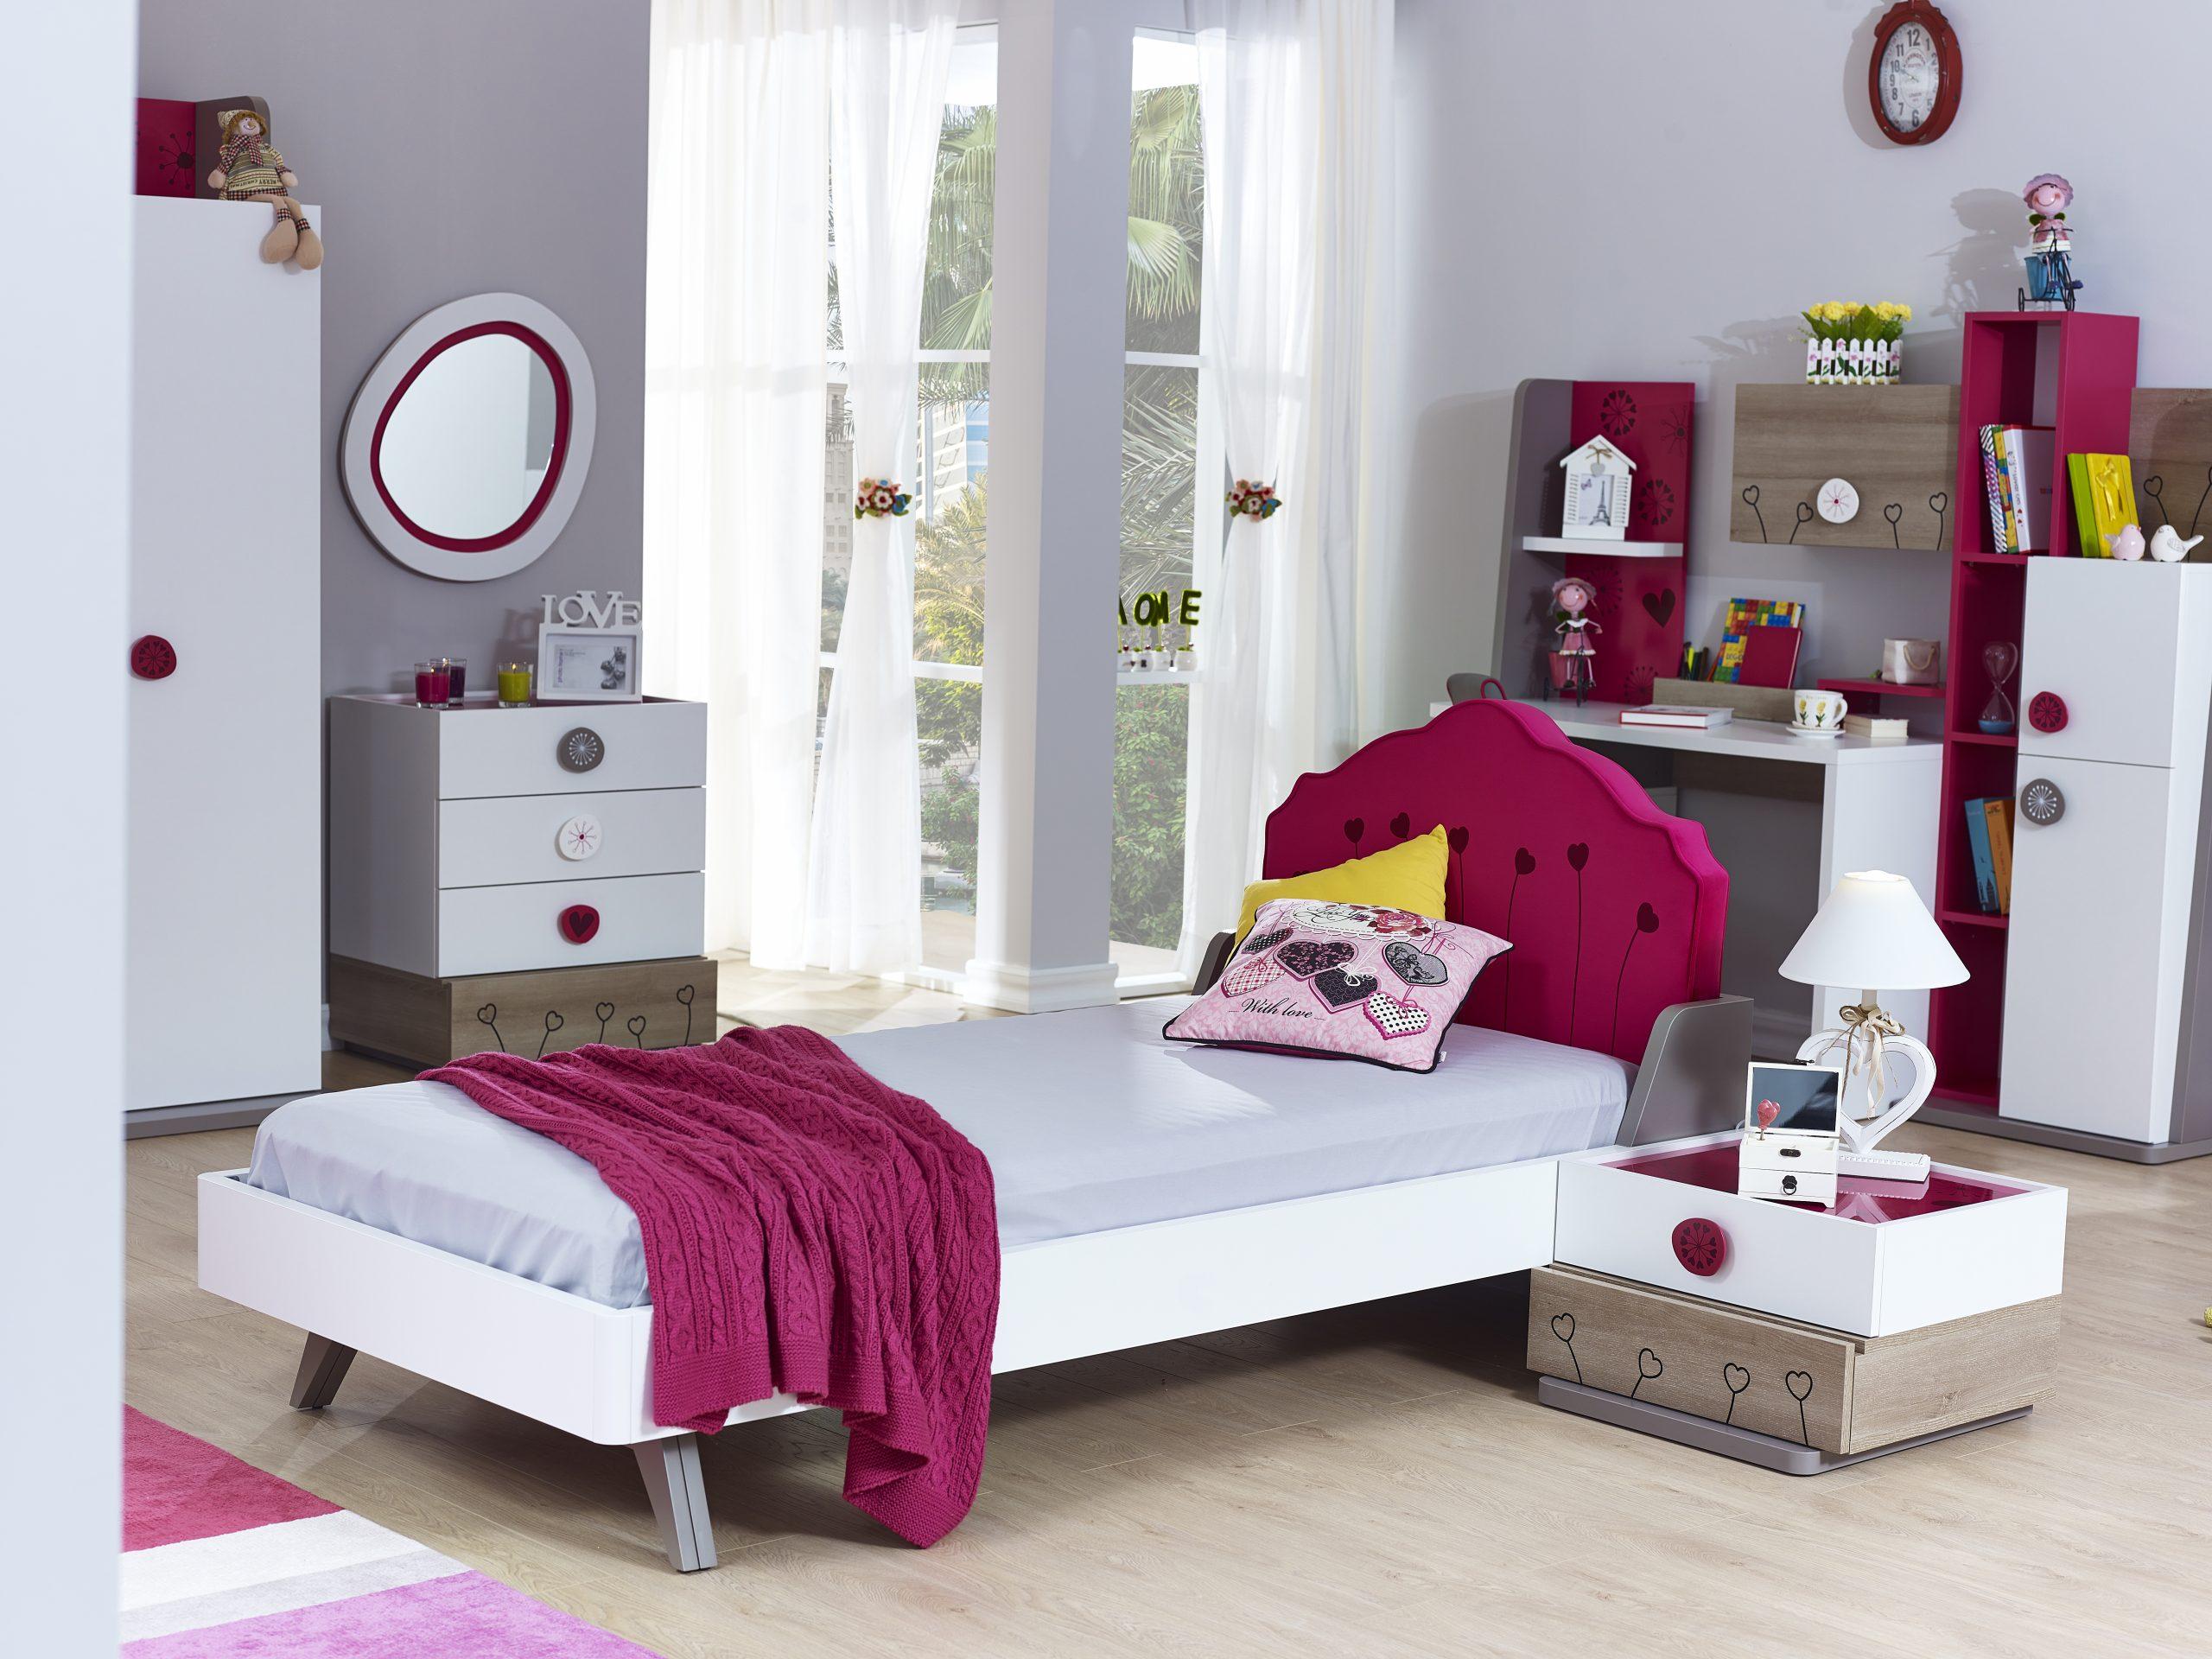 Full Size of Kinderbett In Wei Pink Sweety Weich Gepolstert 120x200 Cm 010224u2 Bett Weiß Mit Matratze Und Lattenrost Betten Bettkasten Wohnzimmer Kinderbett 120x200